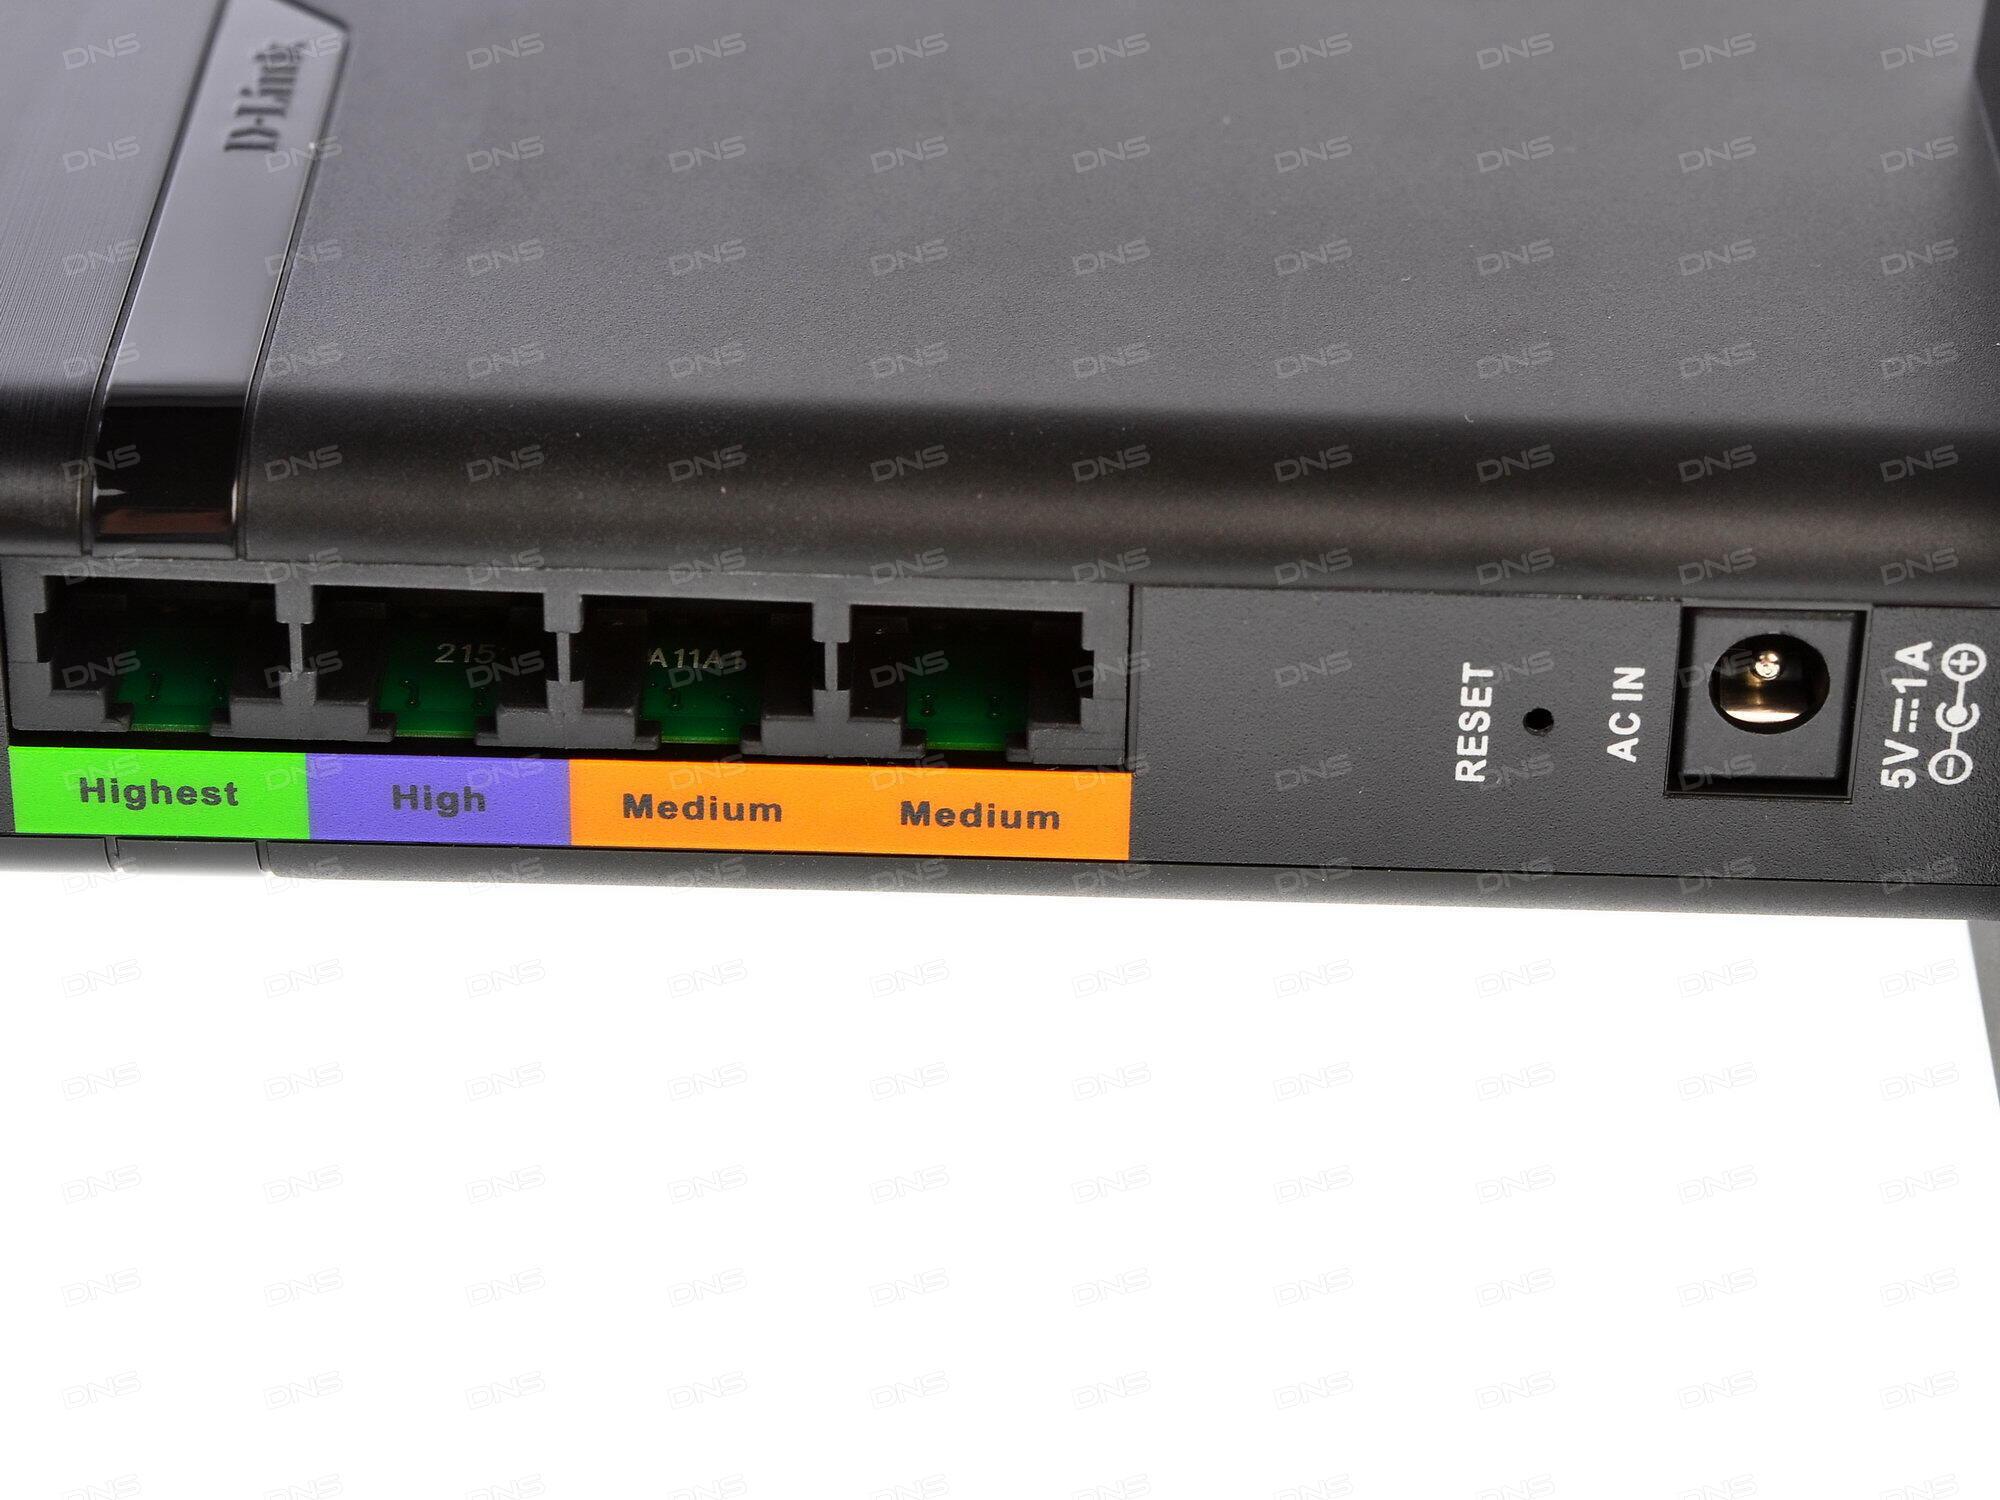 Точка доступа D-Link DAP-3310 Точка доступа внешняя 802.11b/g/n 2.4/5GHz 1xLAN 10/100/1000Mbps до 300Mbps Client/Bridge mode PoE Heater